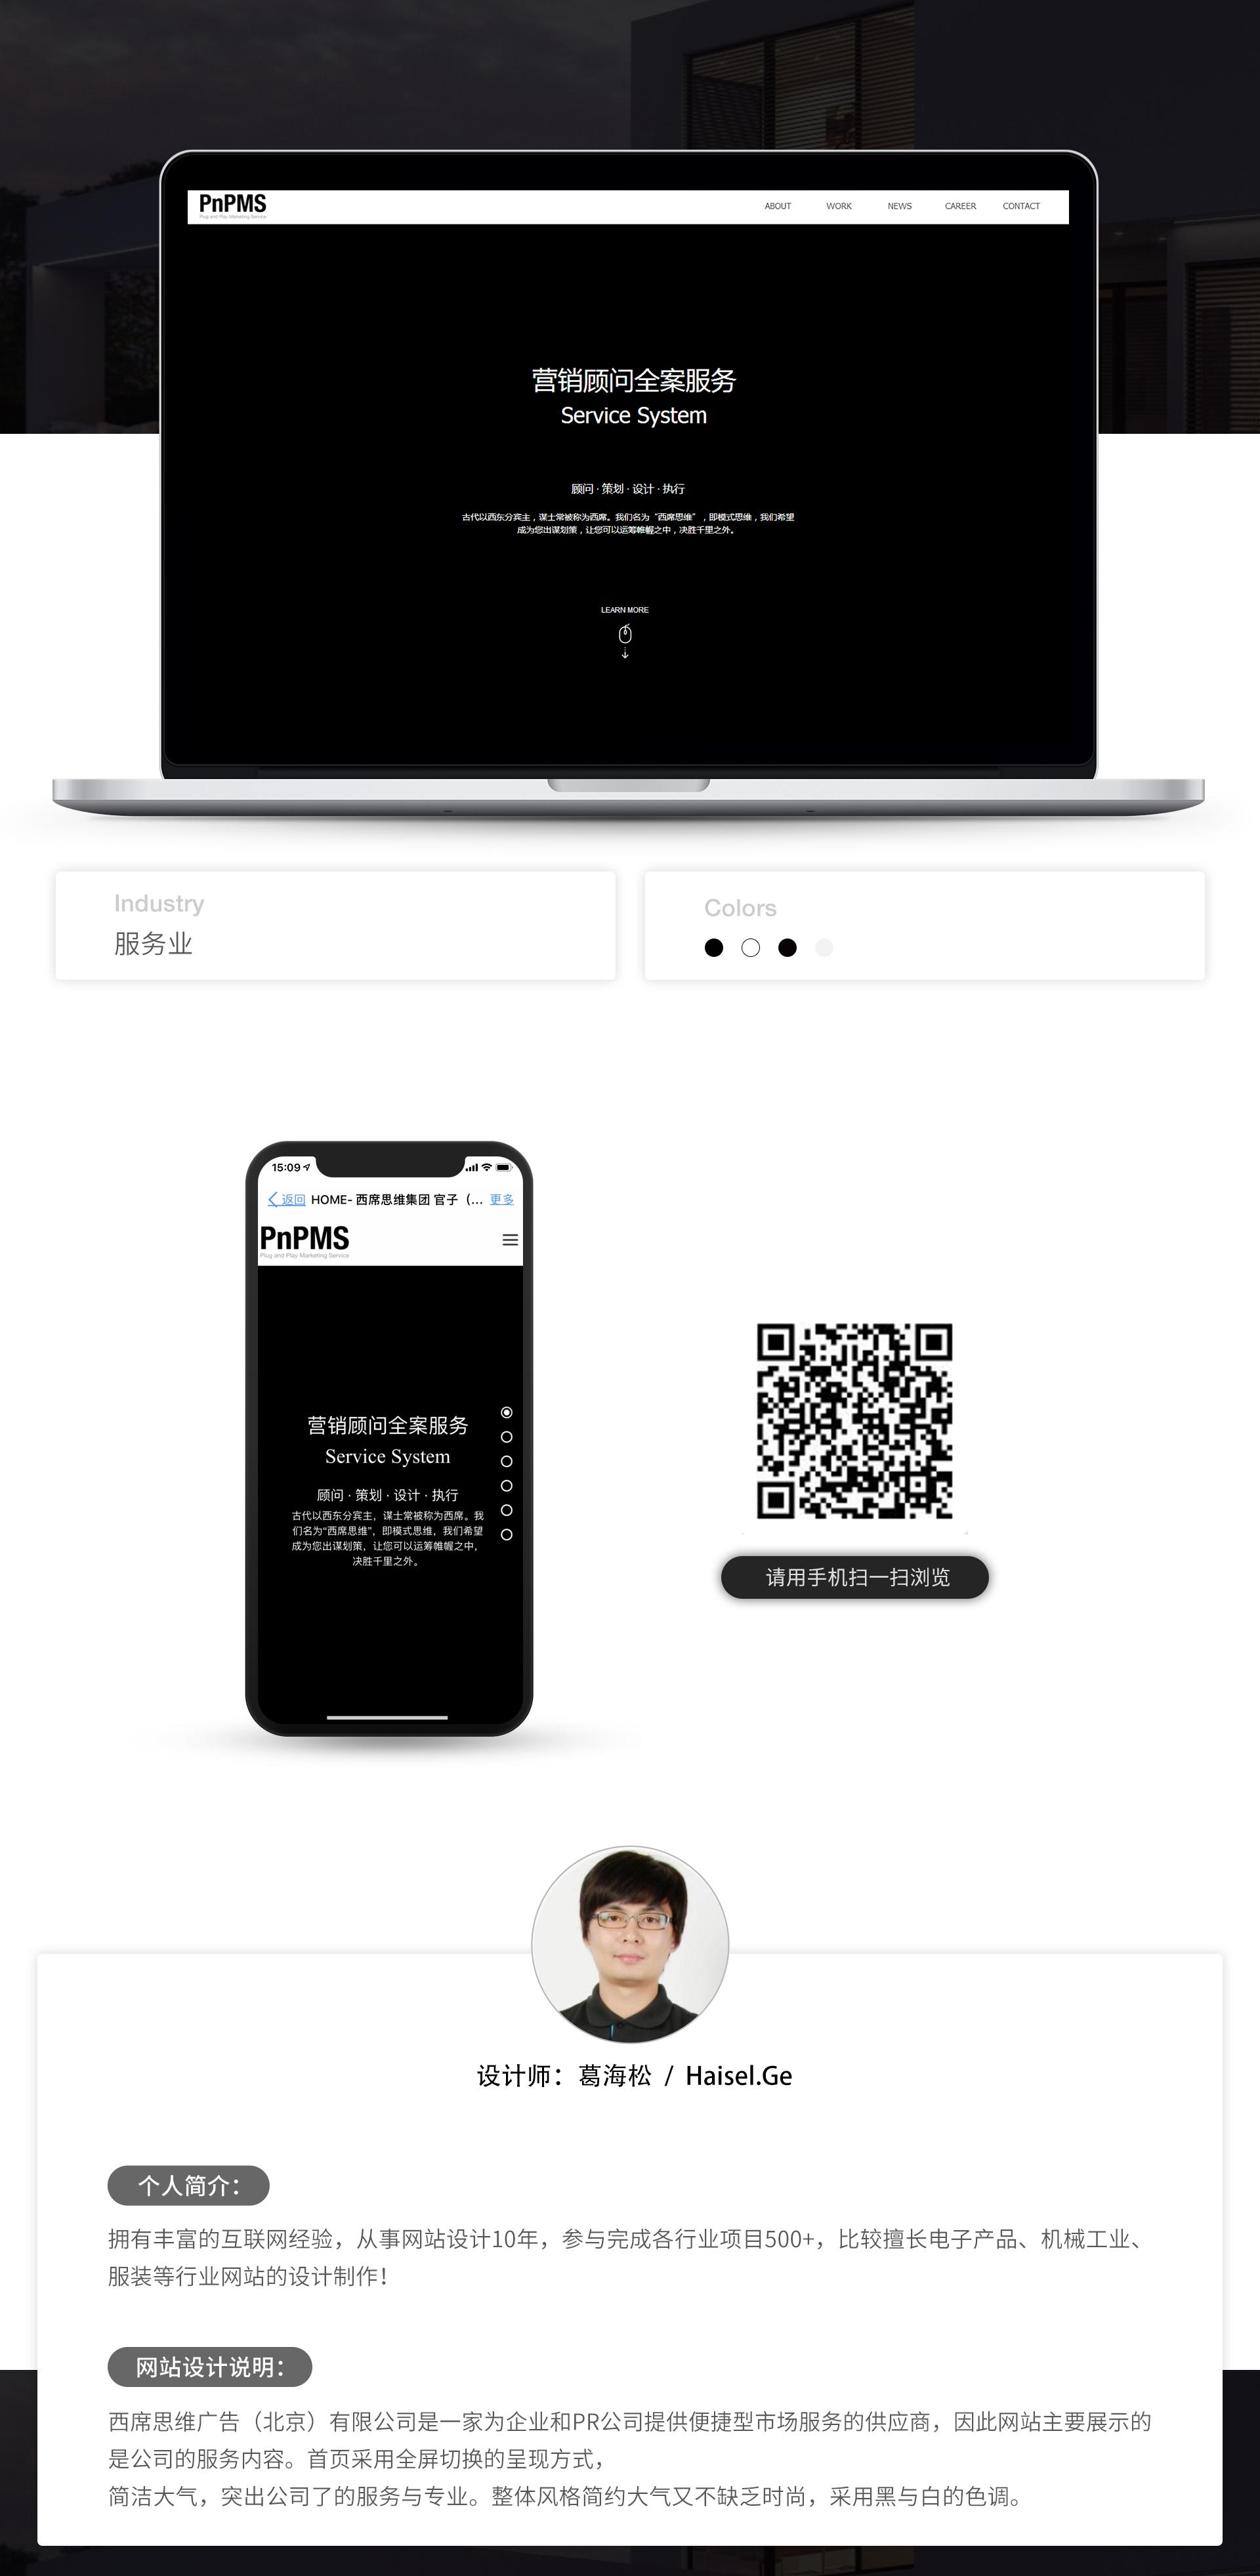 宁波飞色-葛海松-云企案例设计简介-西席思维广告-北京有限公司_01